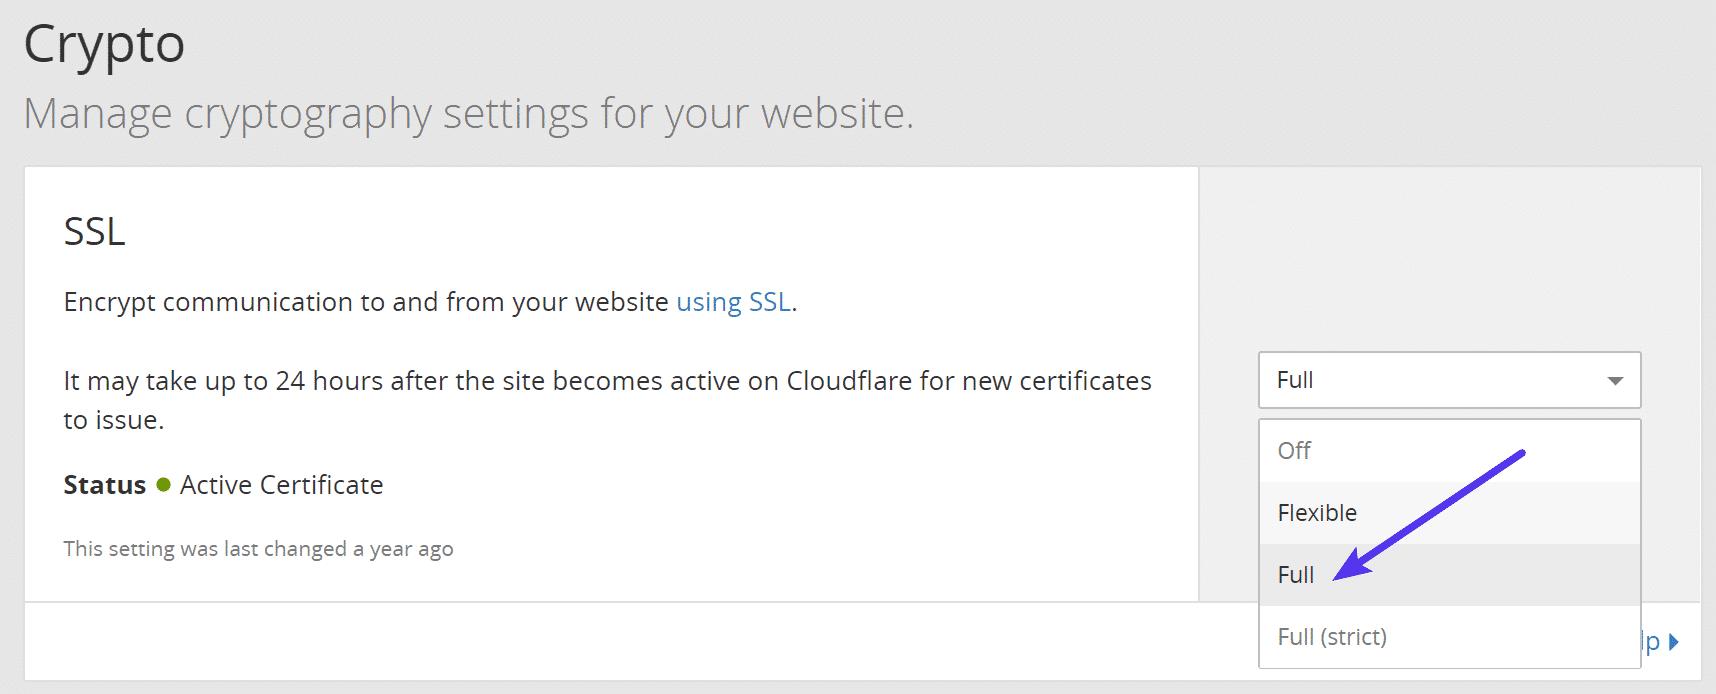 Réglez le niveau de crypto Cloudflare sur Full